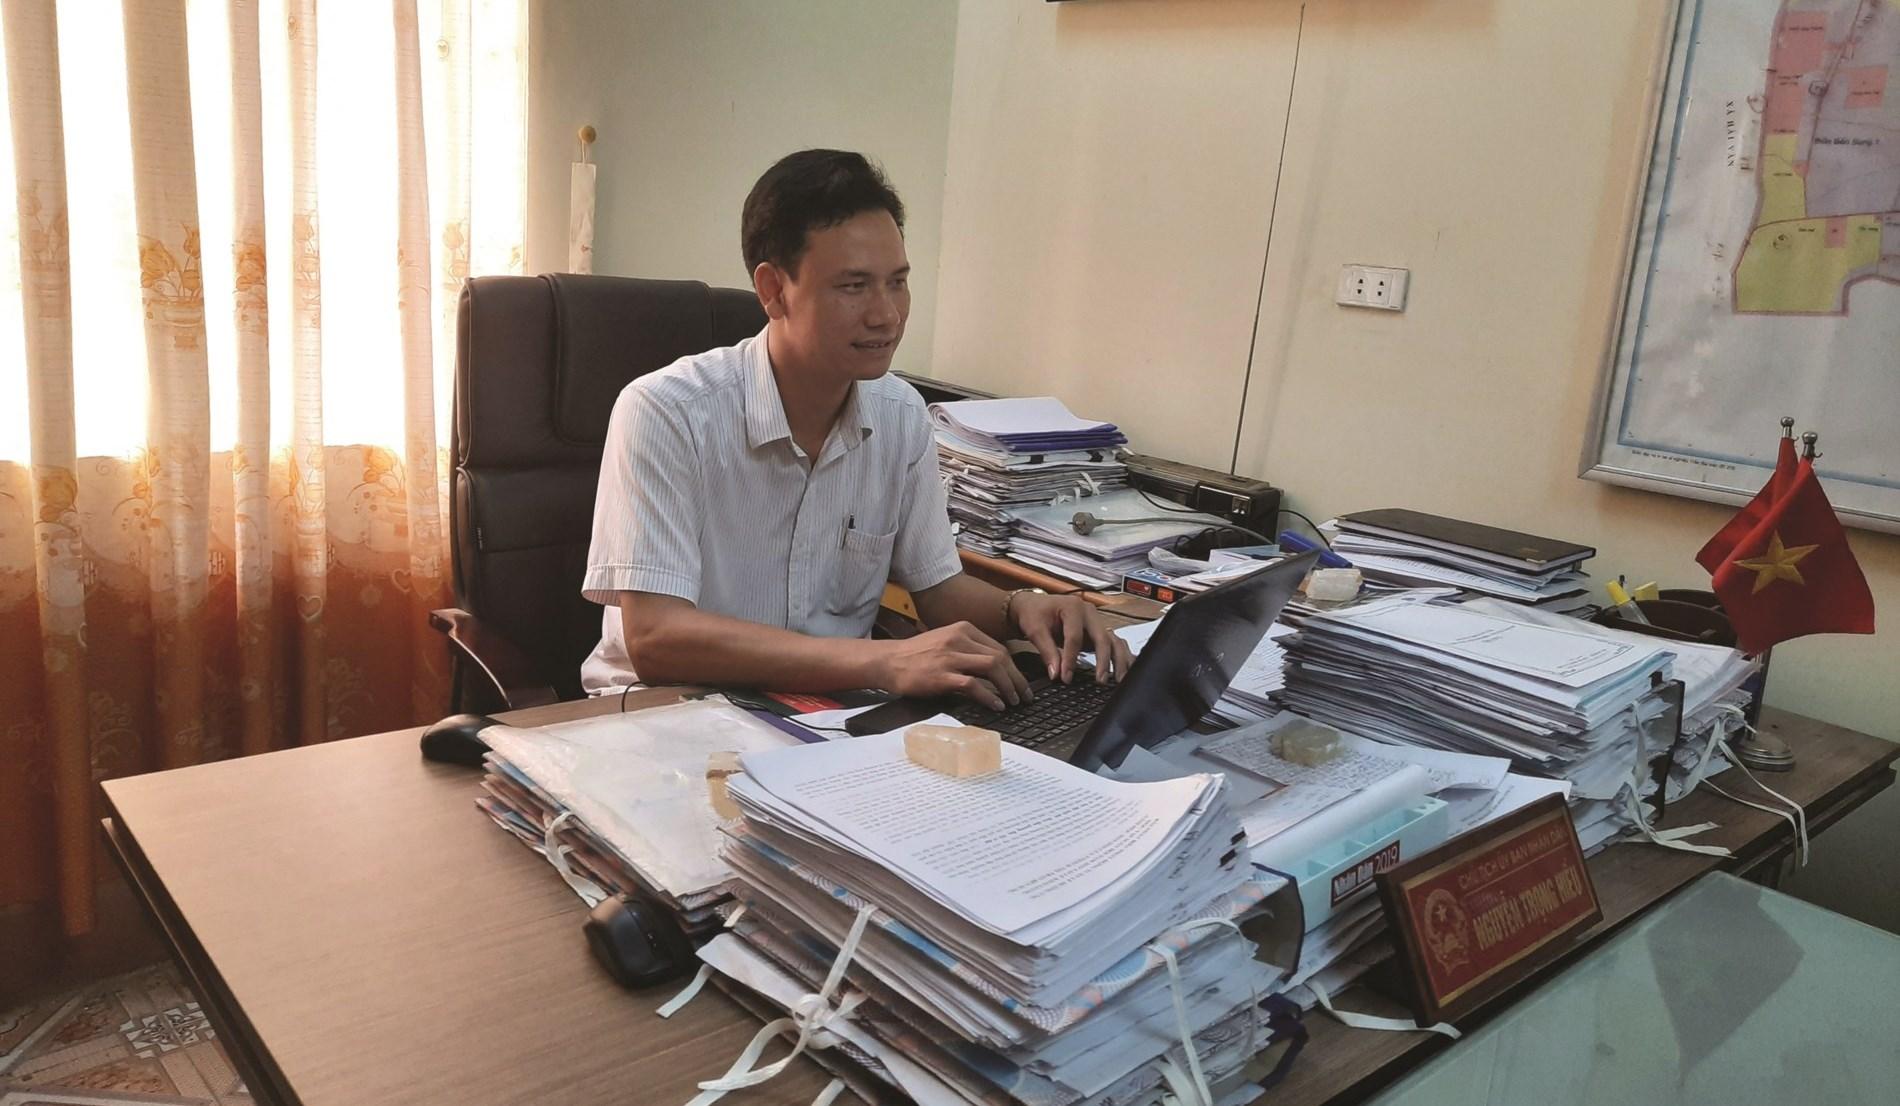 Ông Nguyễn Trọng Hiếu, Chủ tịch UBND thị trấn Bến Sung, huyện Như Thanh: Vai trò giám sát của người dân trong công tác PCTN ở cơ sở vô cùng quan trọng.